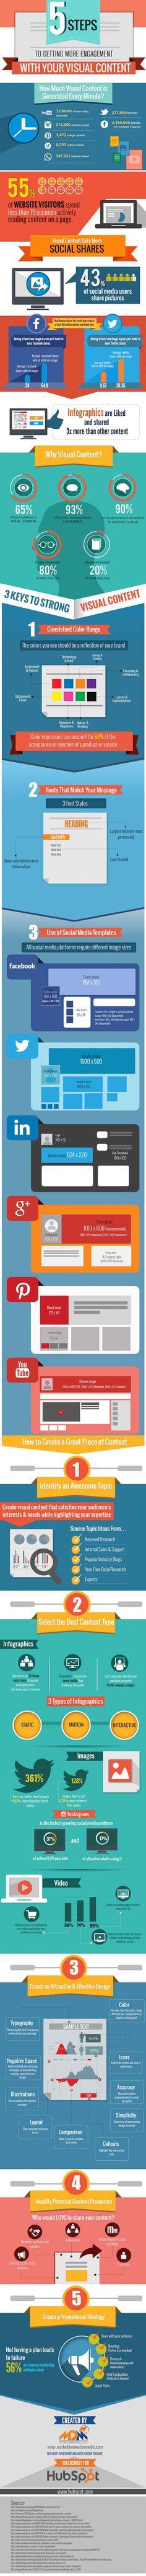 Content Marketing – Social Media Tipps Bildergrößen Marketingstrategie Infografik visueller Content